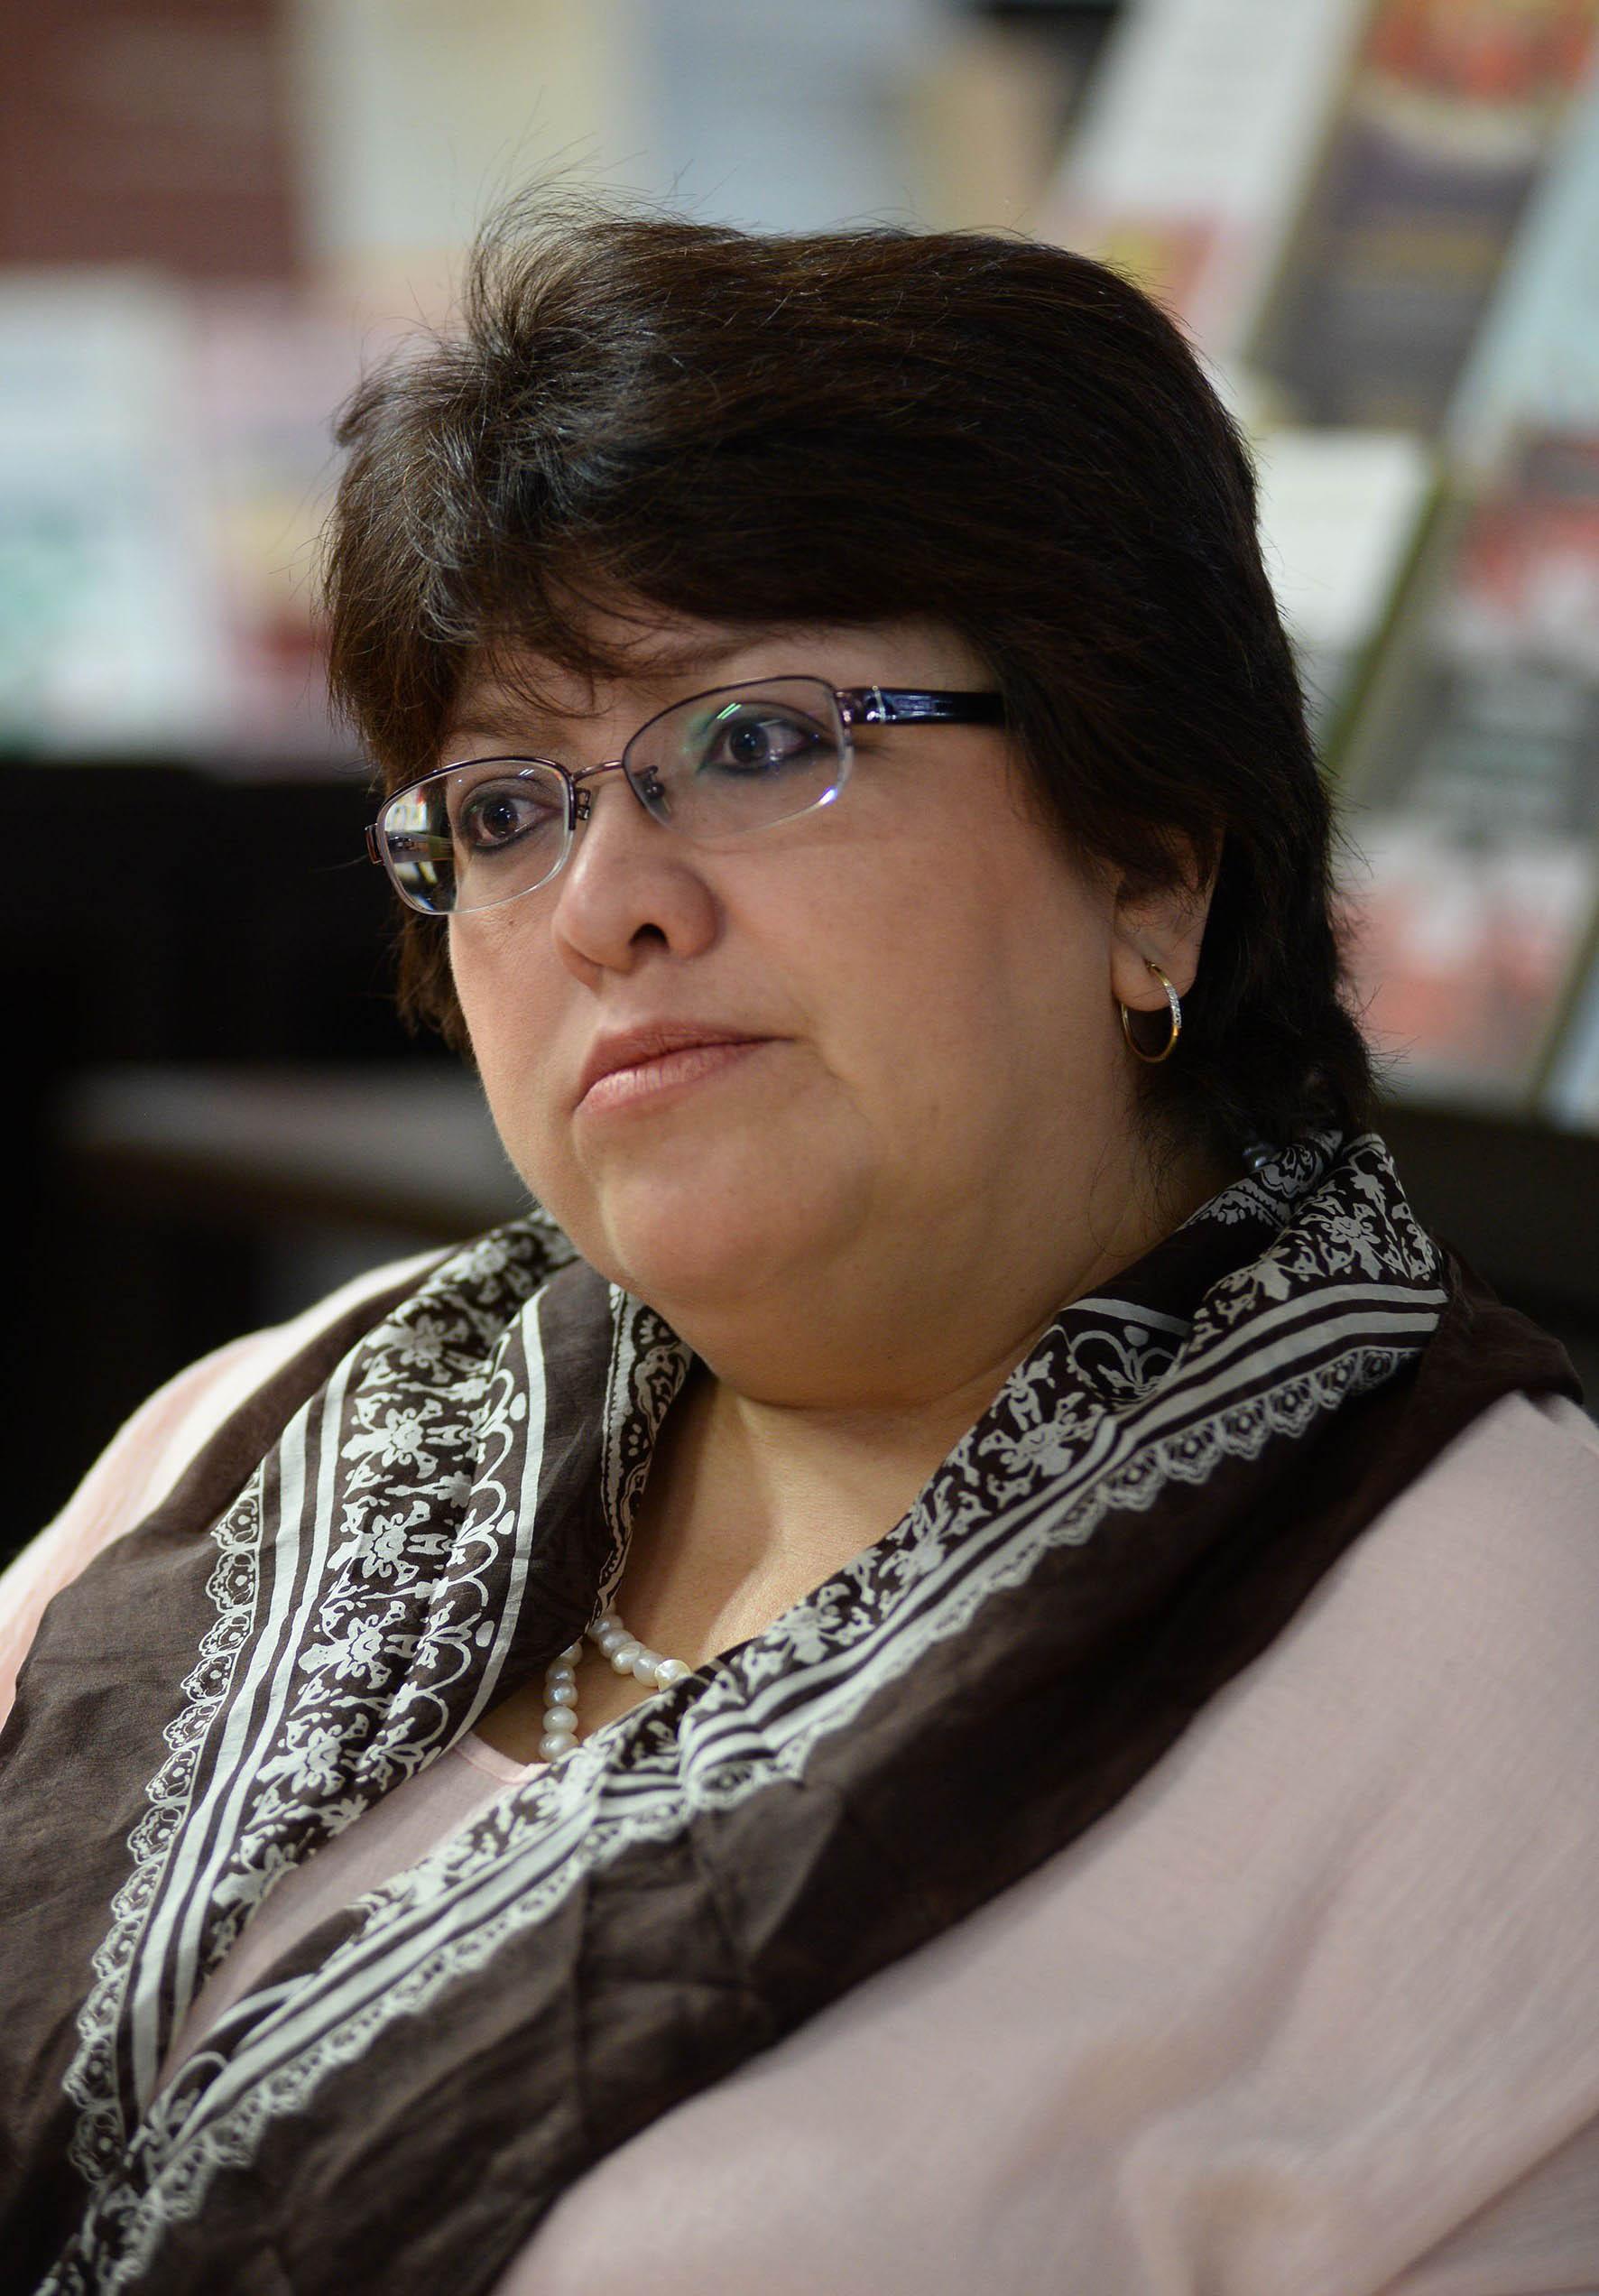 MIGRACIÓN A ESTADOS UNIDOS HA DESCENDIDO EN LOS ÚLTIMOS AÑOS: DEMÓGRAFA DE LA UNAM